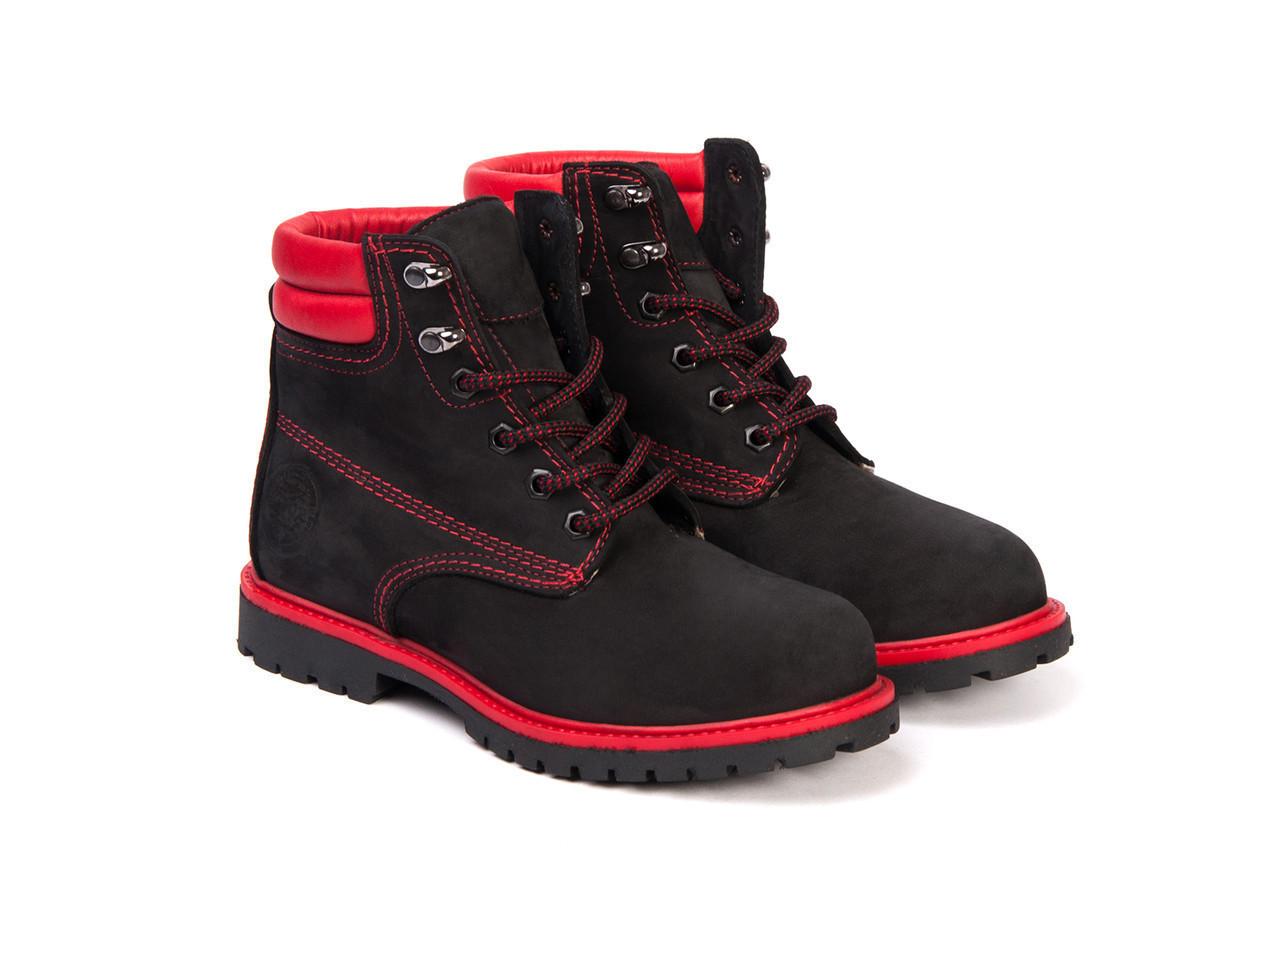 Ботинки Etor 2852-4310-2298-1 40 черные